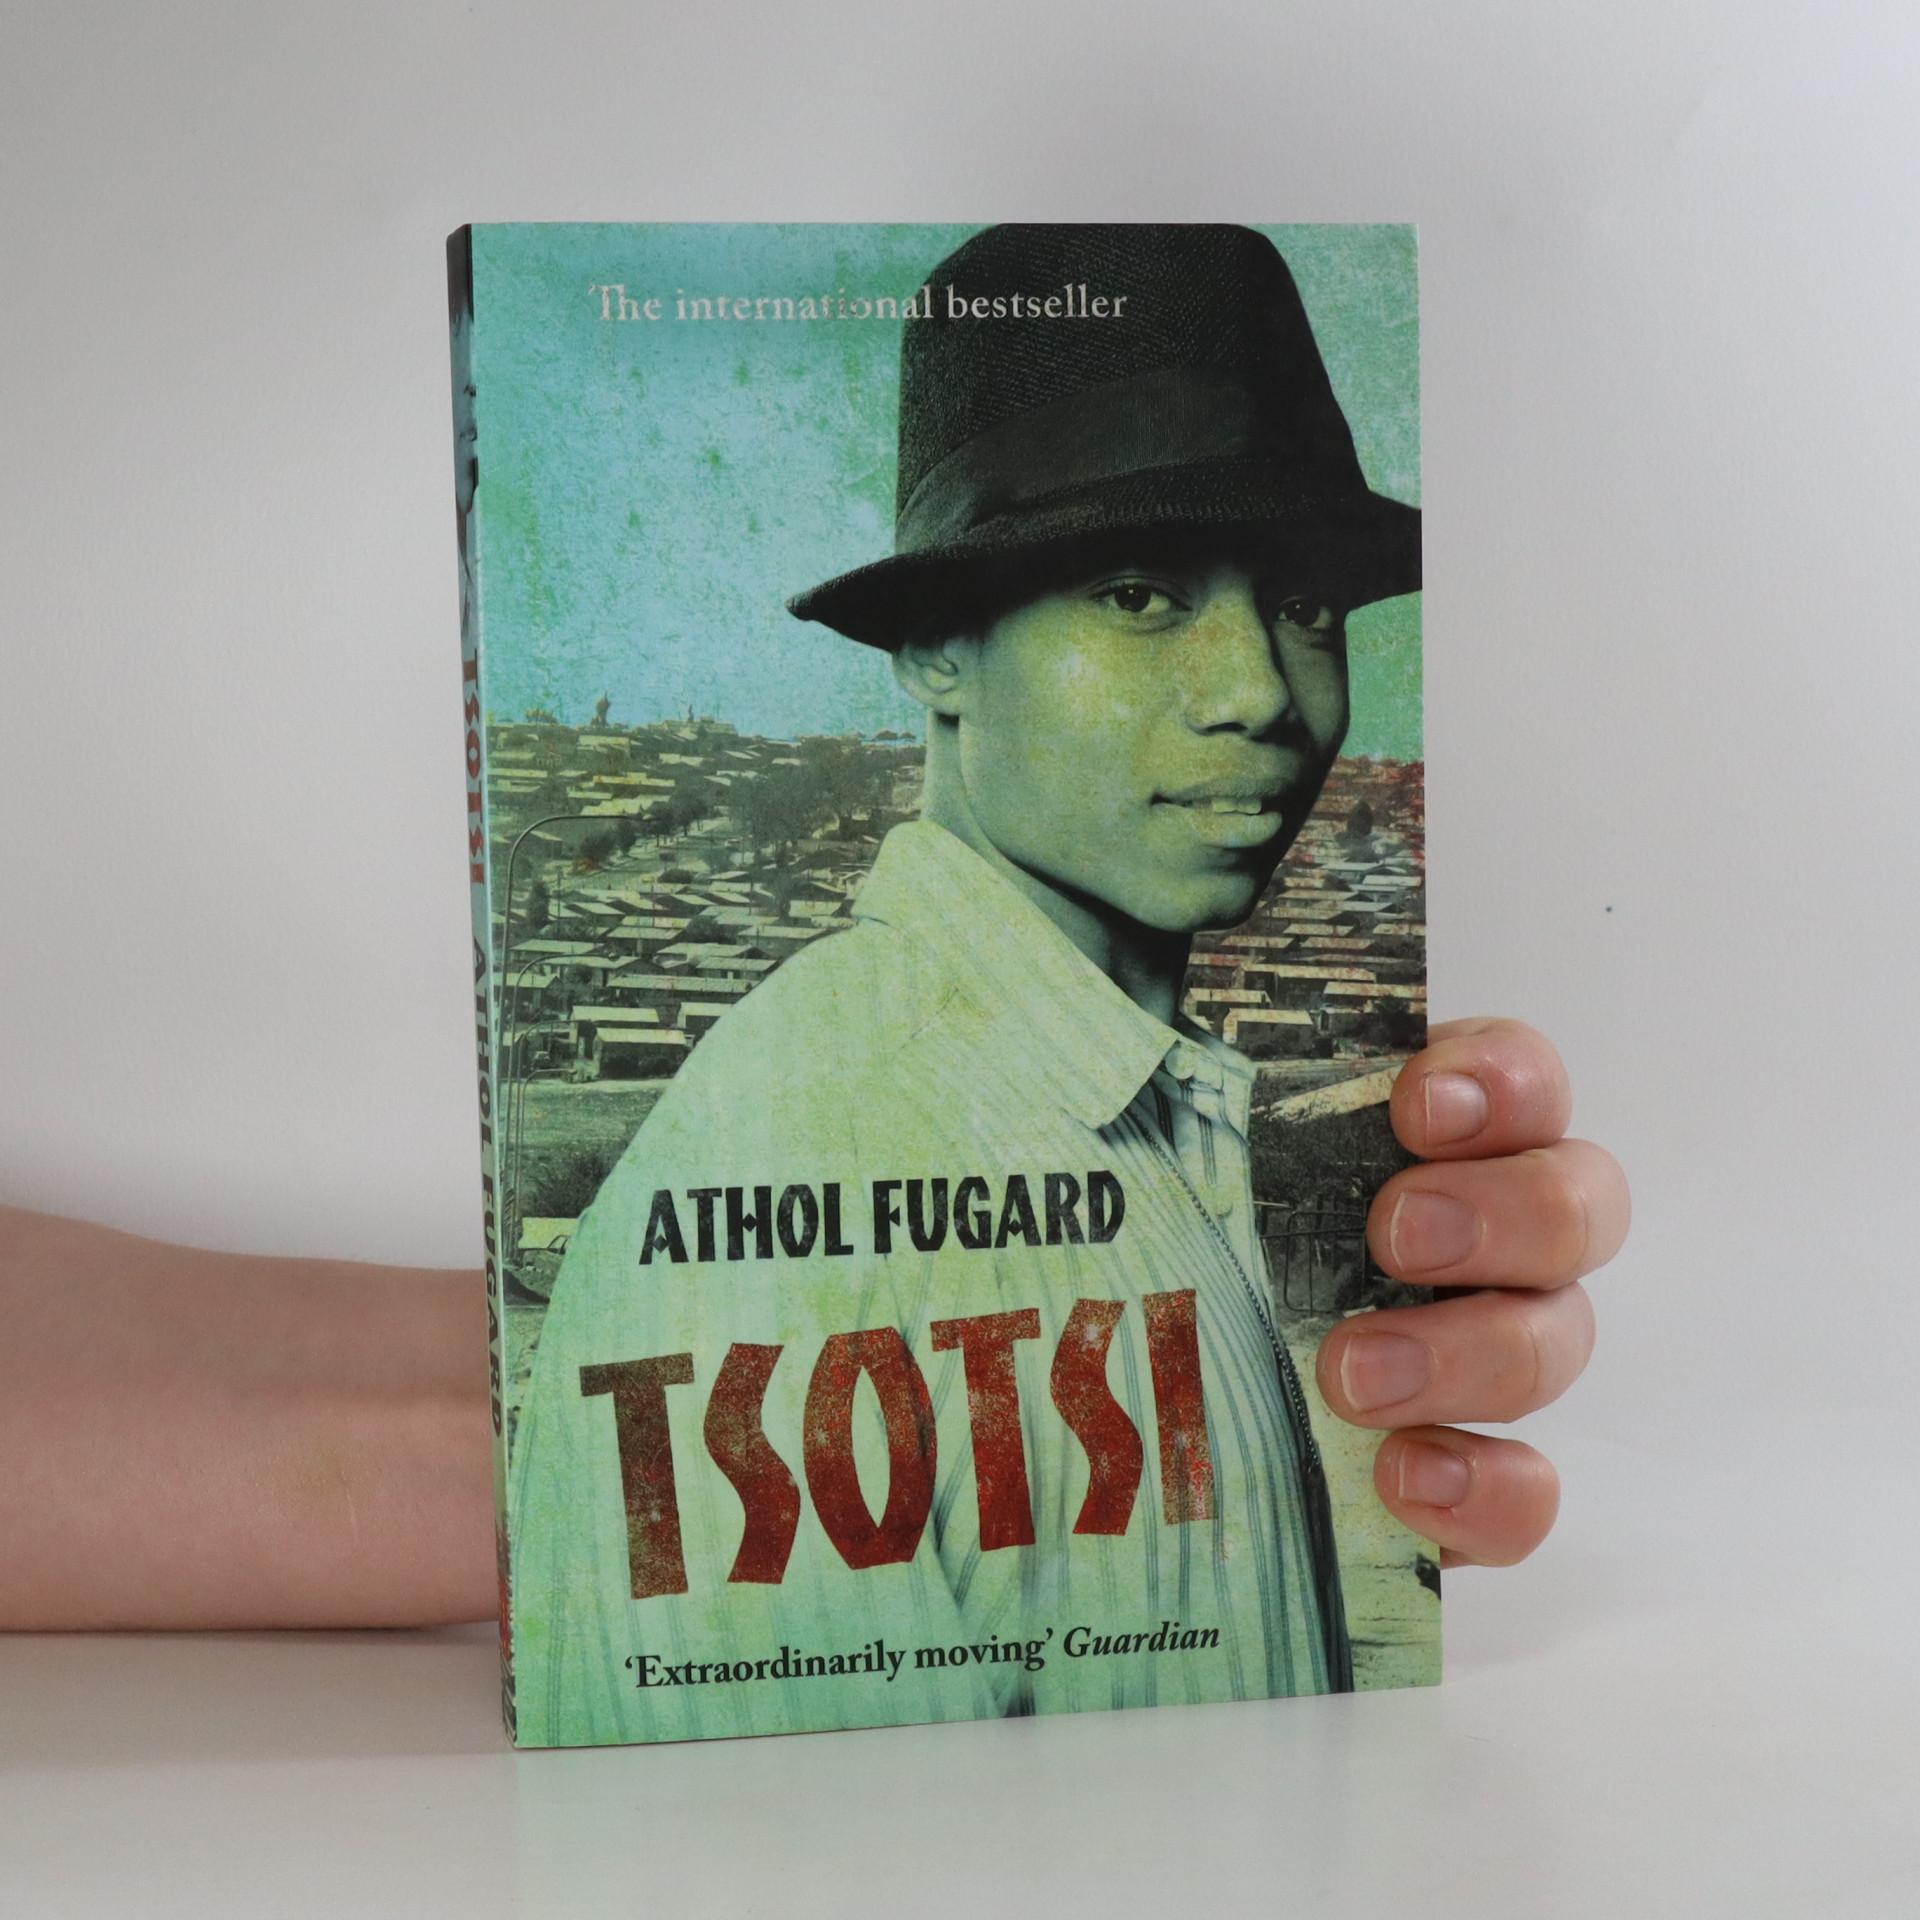 antikvární kniha Tsotsi, neuveden